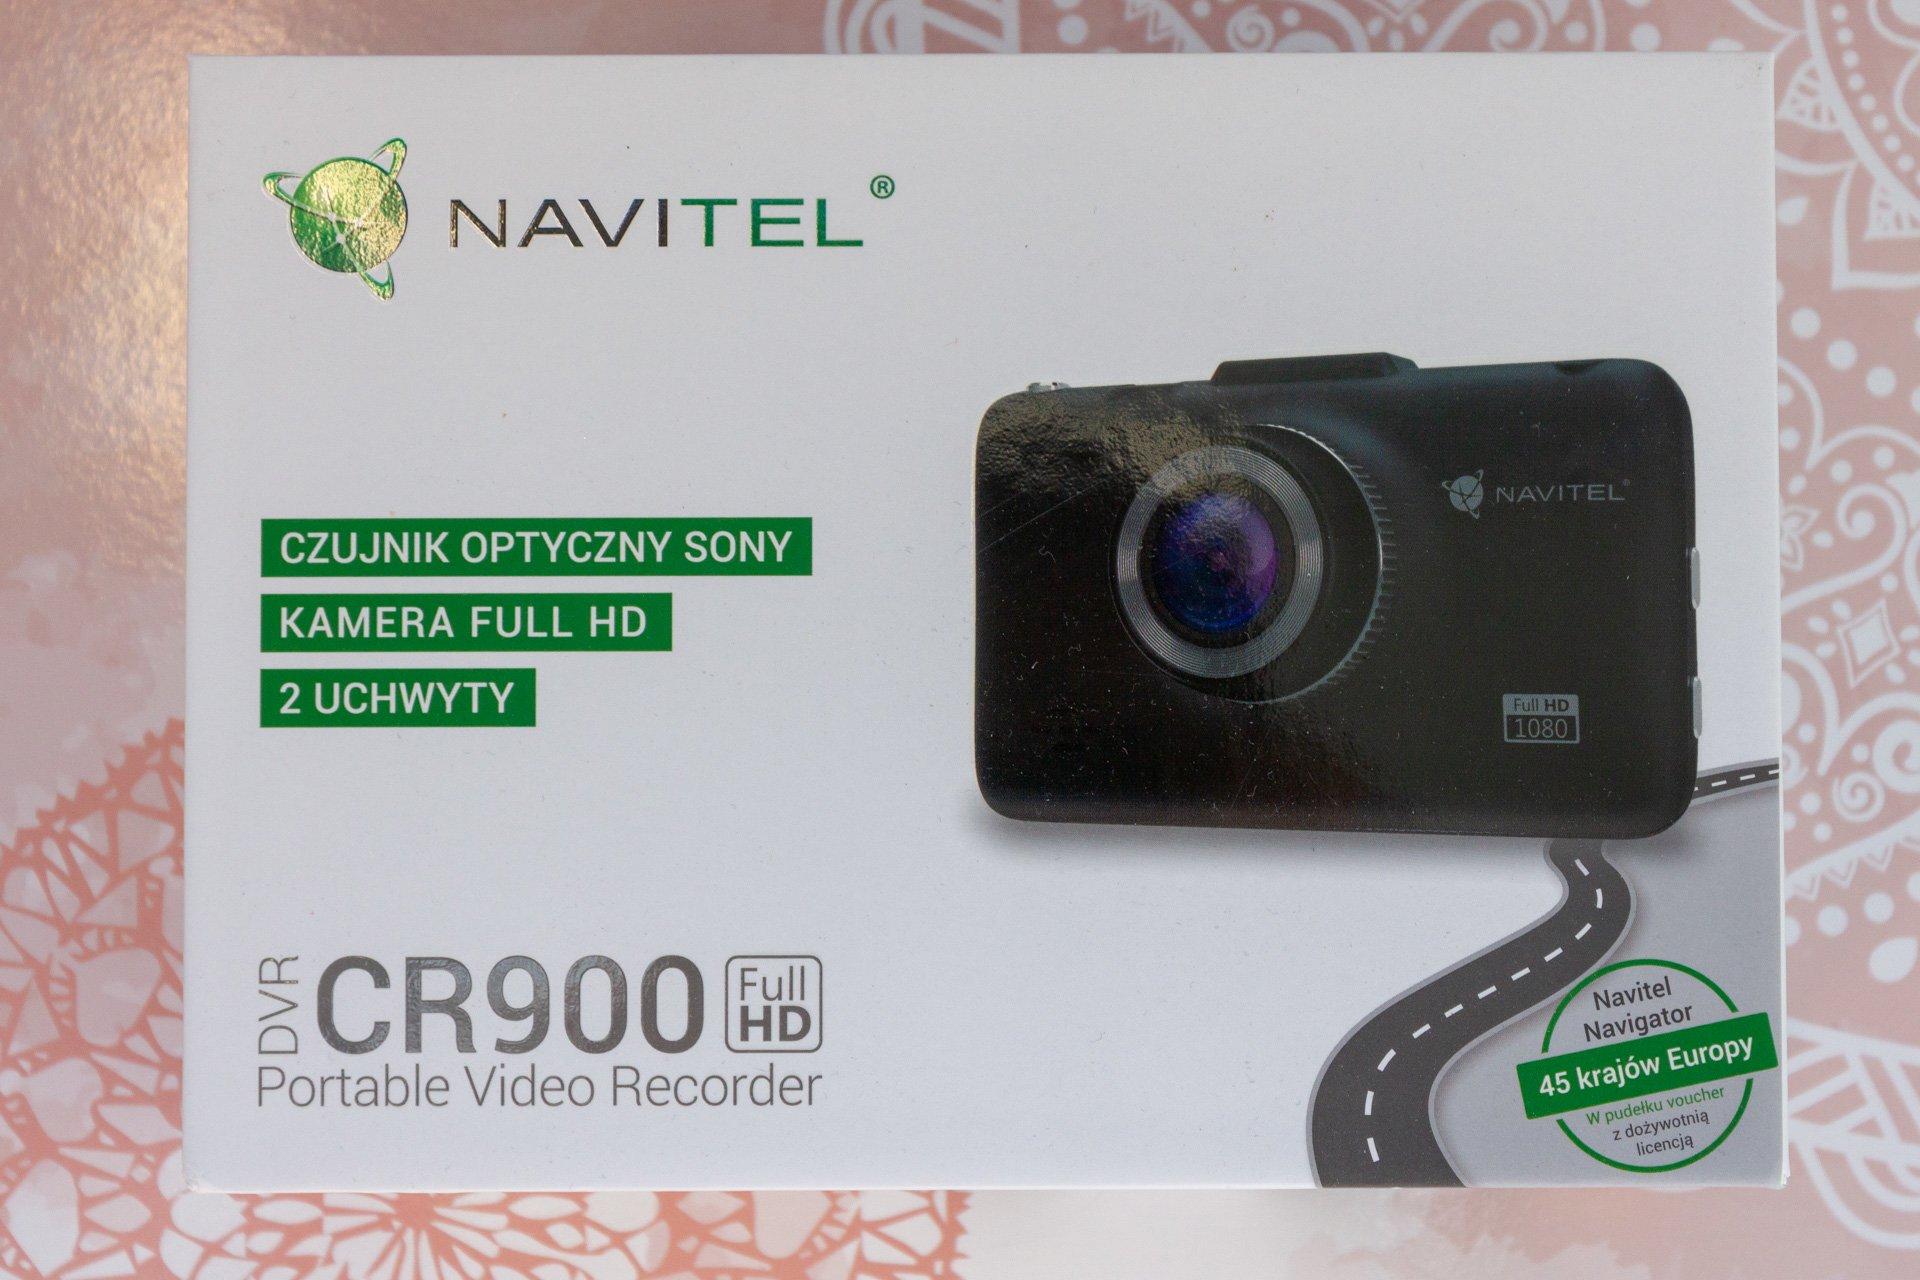 Tabletowo.pl Recenzja Navitel CR900 - jak sprawdza się wideorejestrator za mniej niż 200 złotych? Recenzje